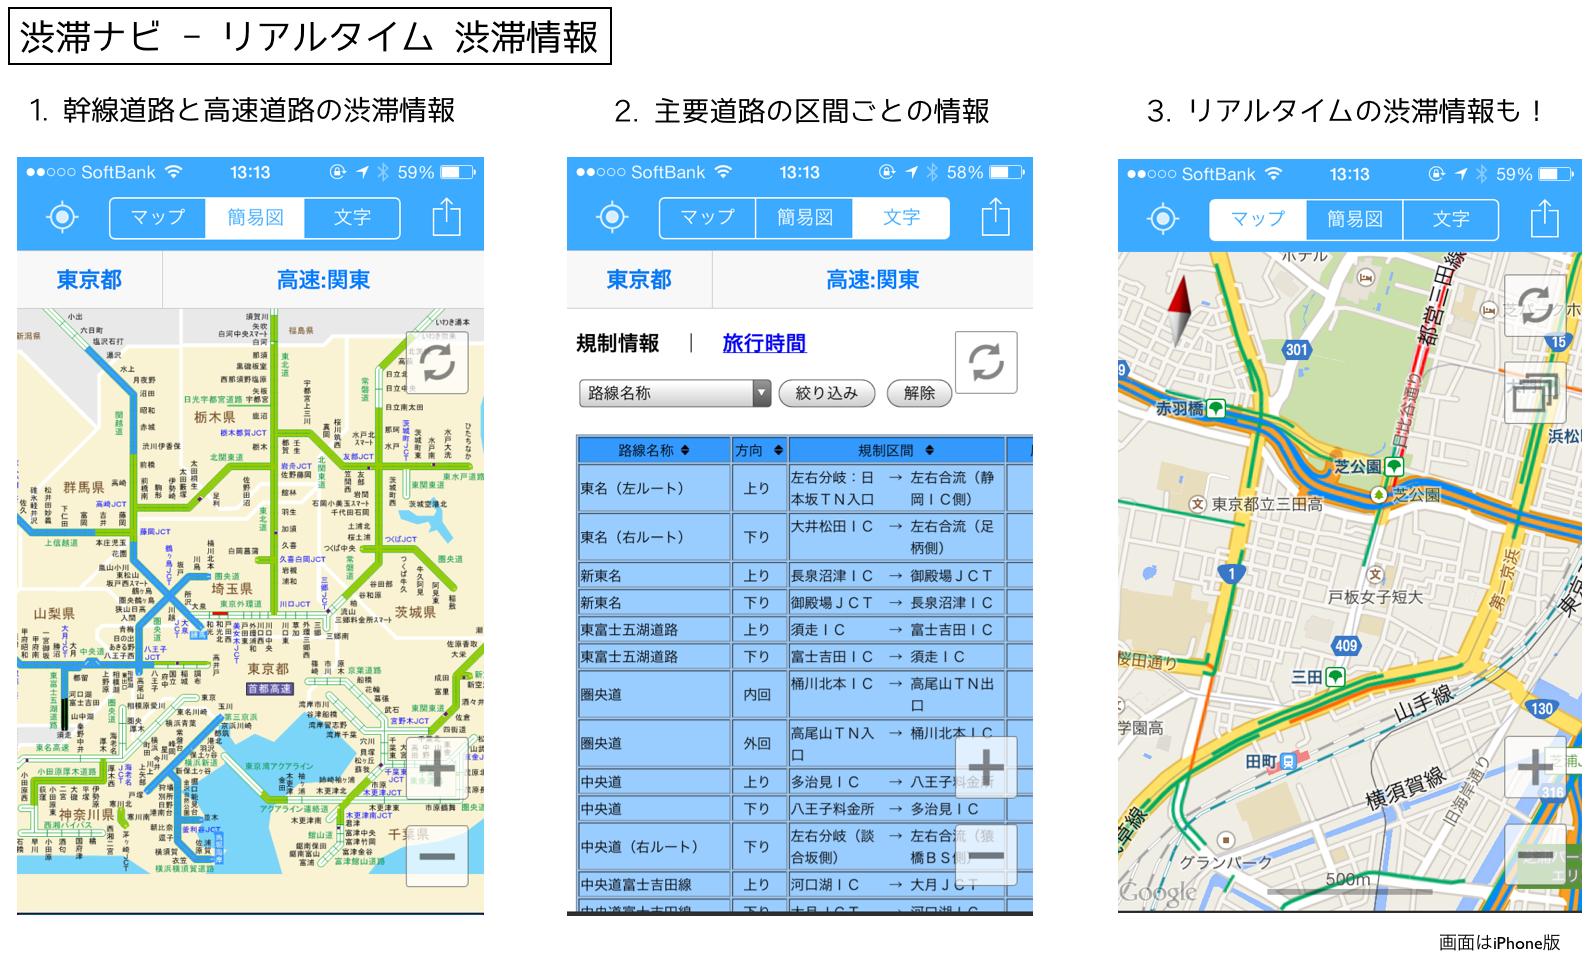 渋滞ナビ:渋滞情報をリアルタイムでチェック